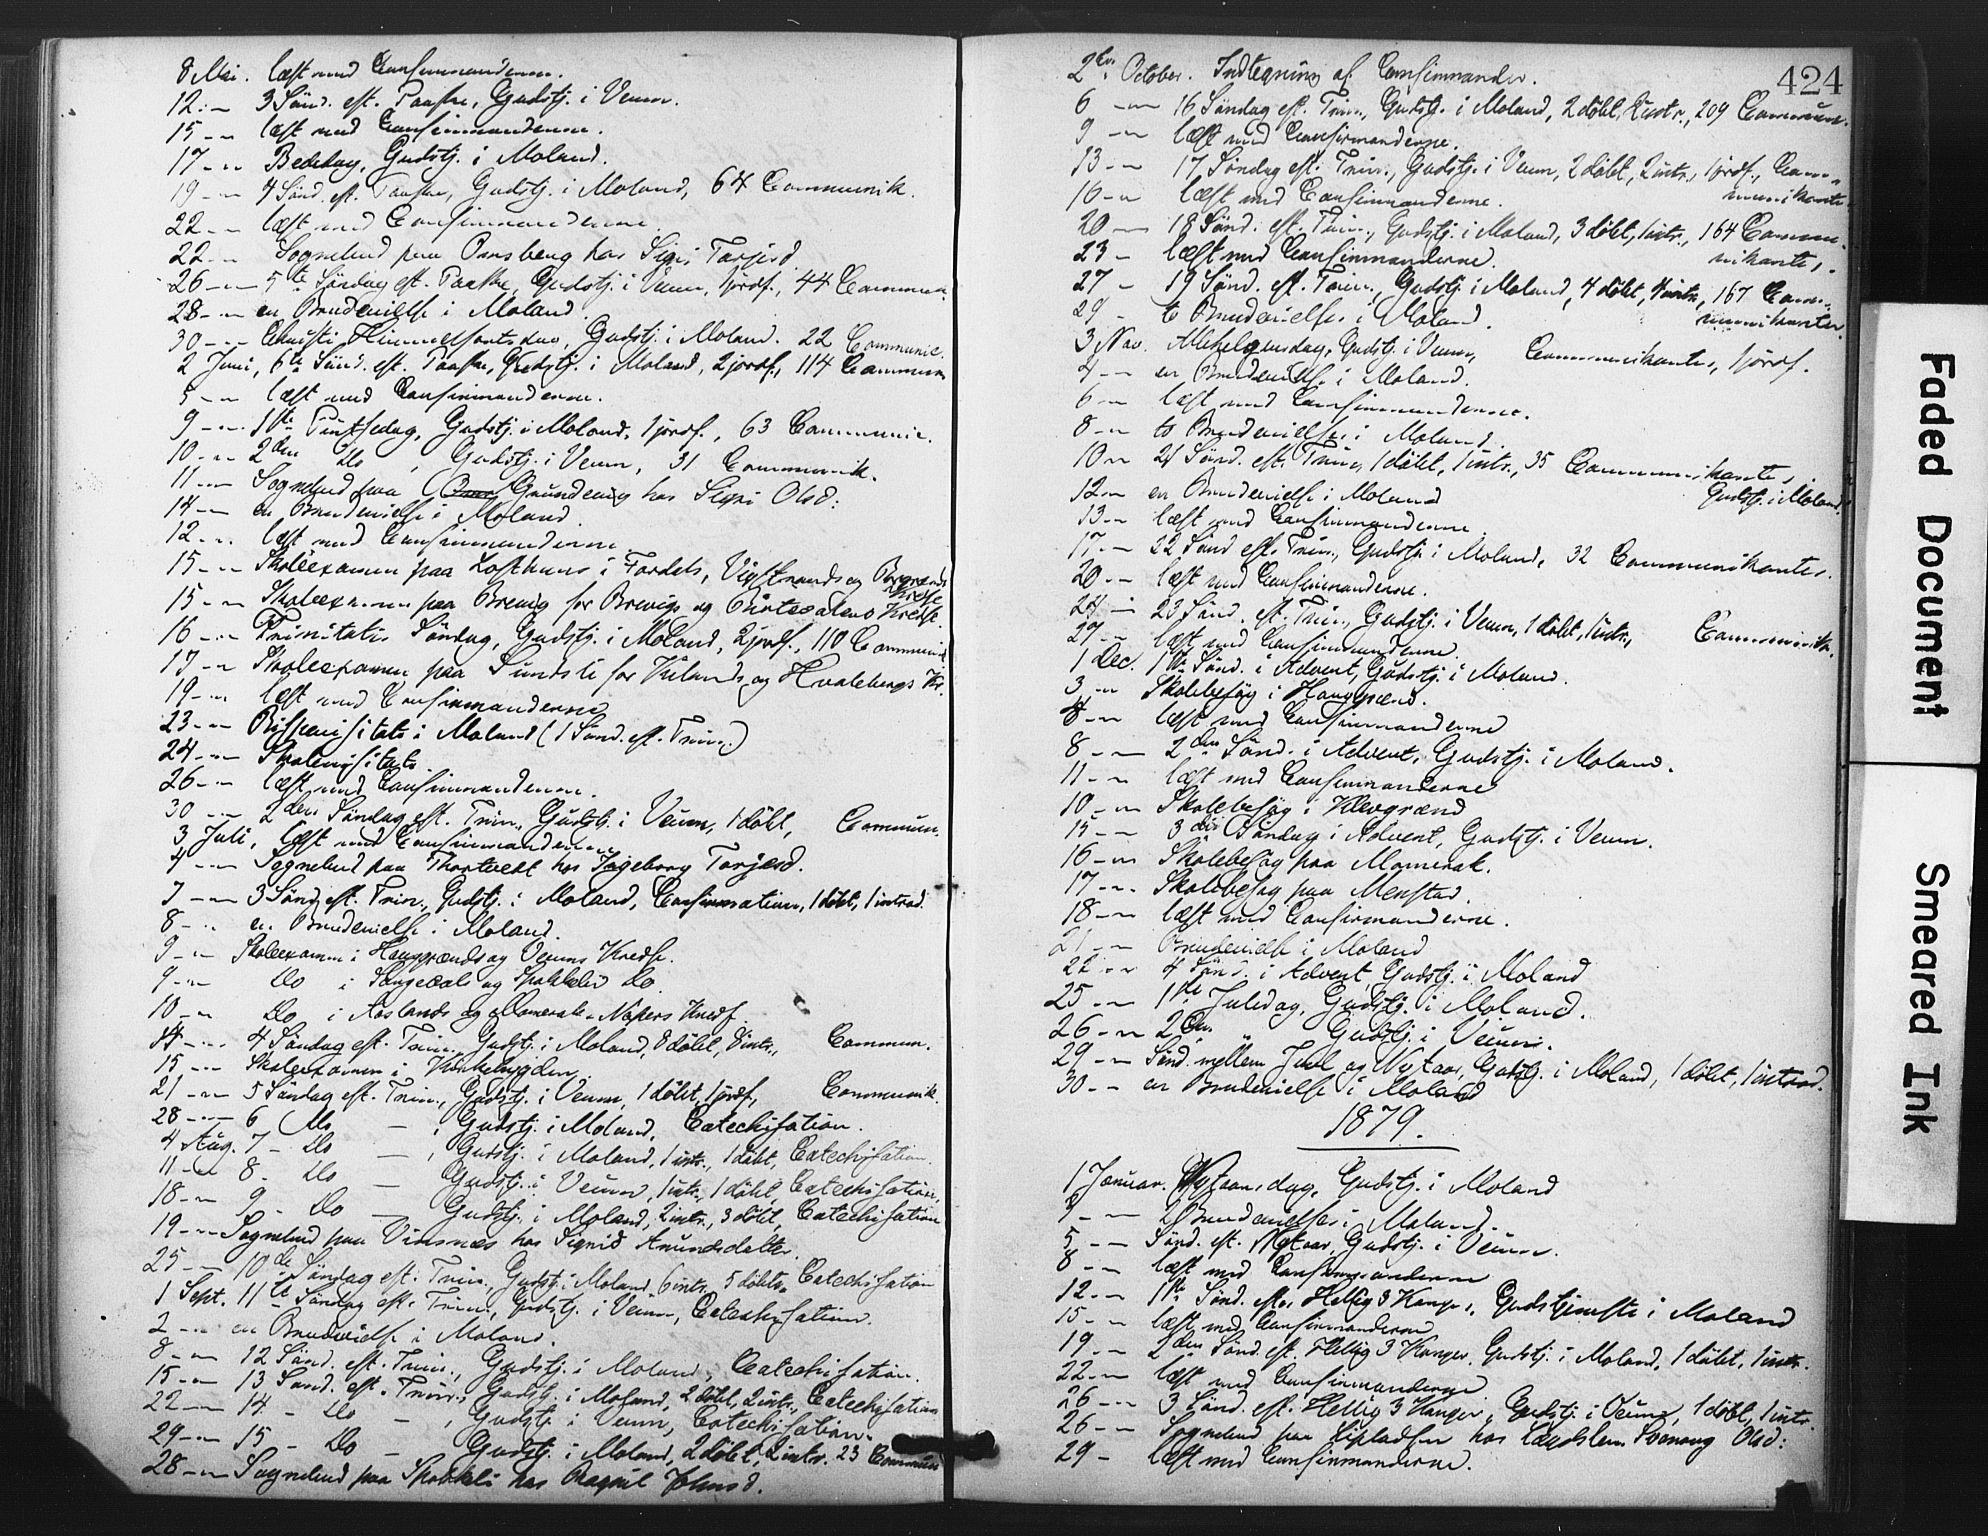 SAKO, Fyresdal kirkebøker, F/Fa/L0006: Ministerialbok nr. I 6, 1872-1886, s. 424